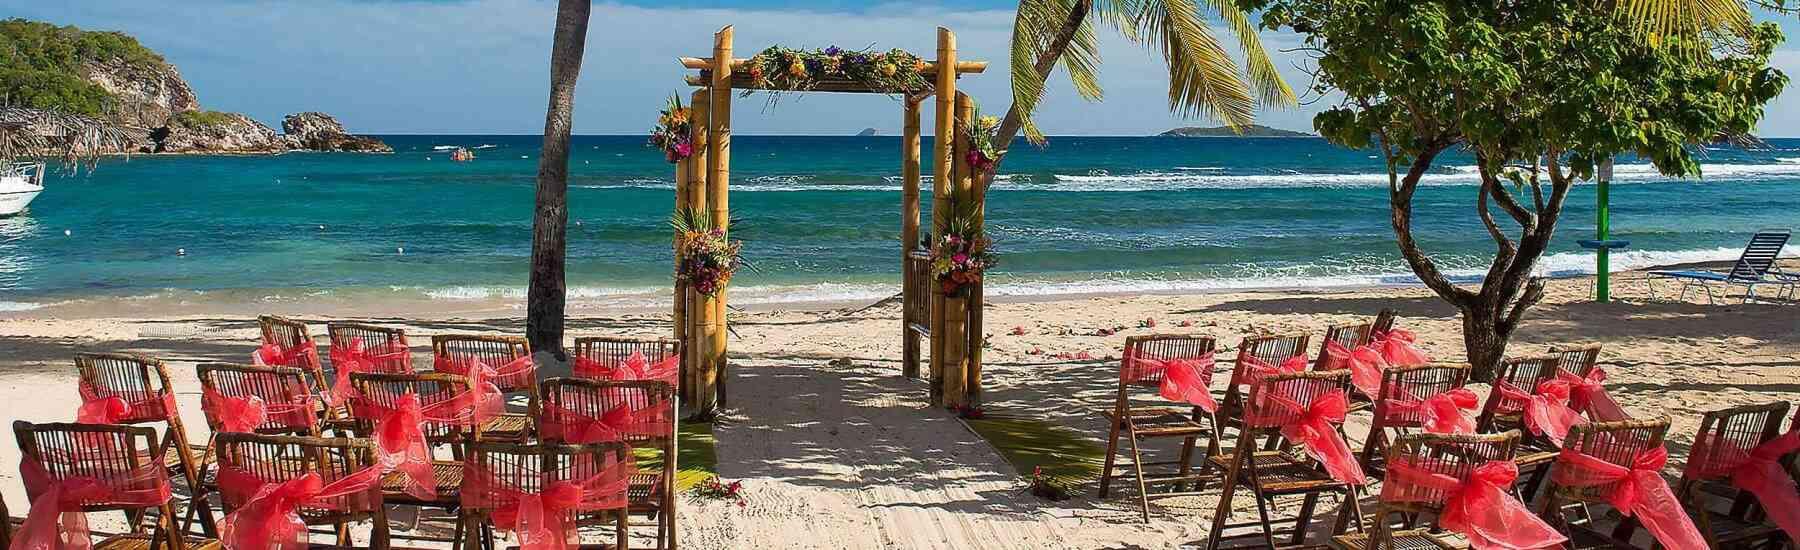 st-thomas-weddings Melhores locais de casamento no Caribe | Destination Weeding